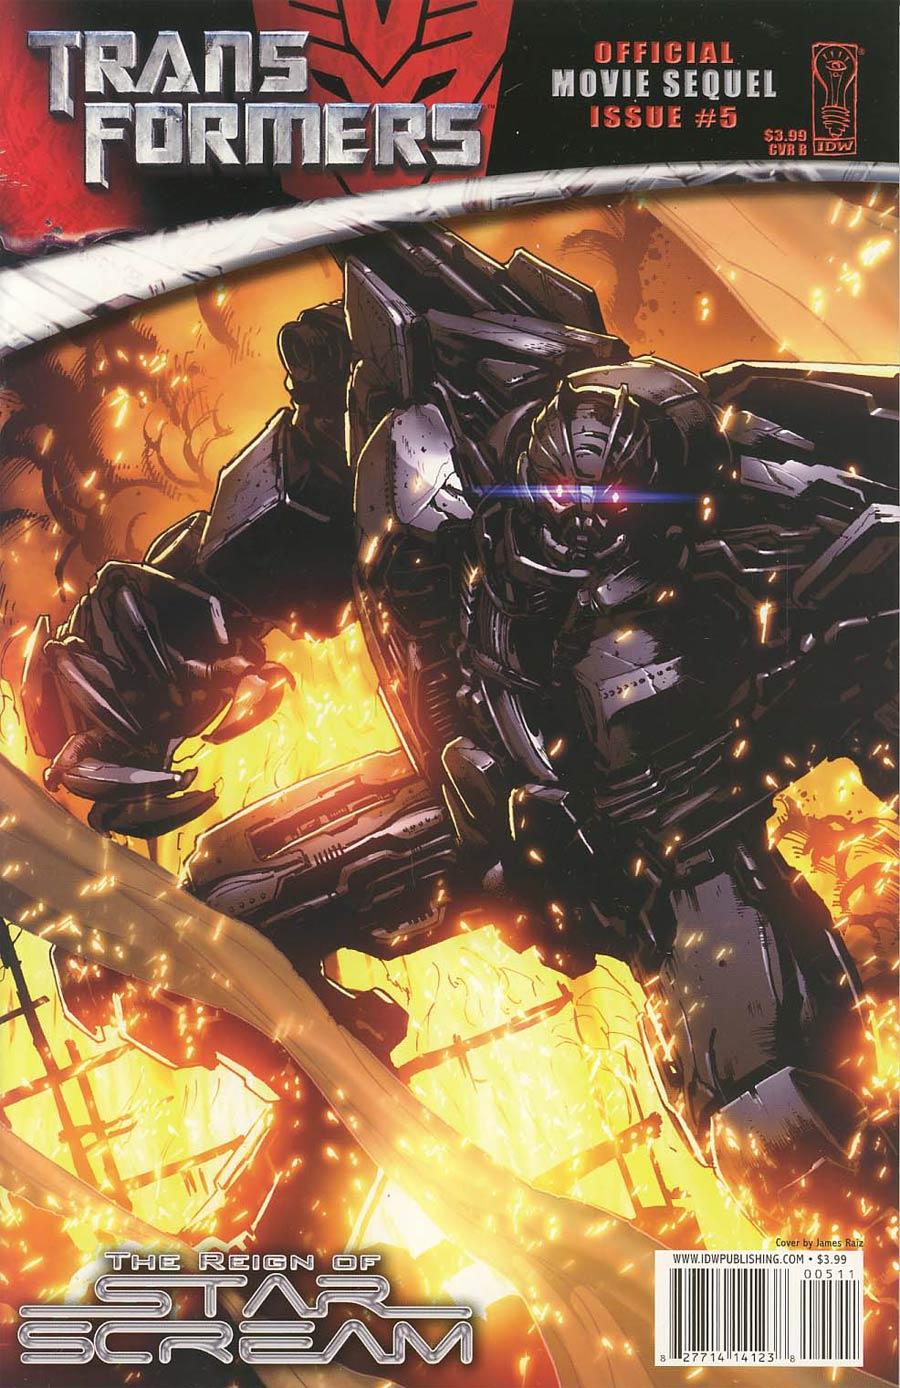 Transformers Movie Sequel Reign Of Starscream #5 Cover B Regular James Raiz Cover